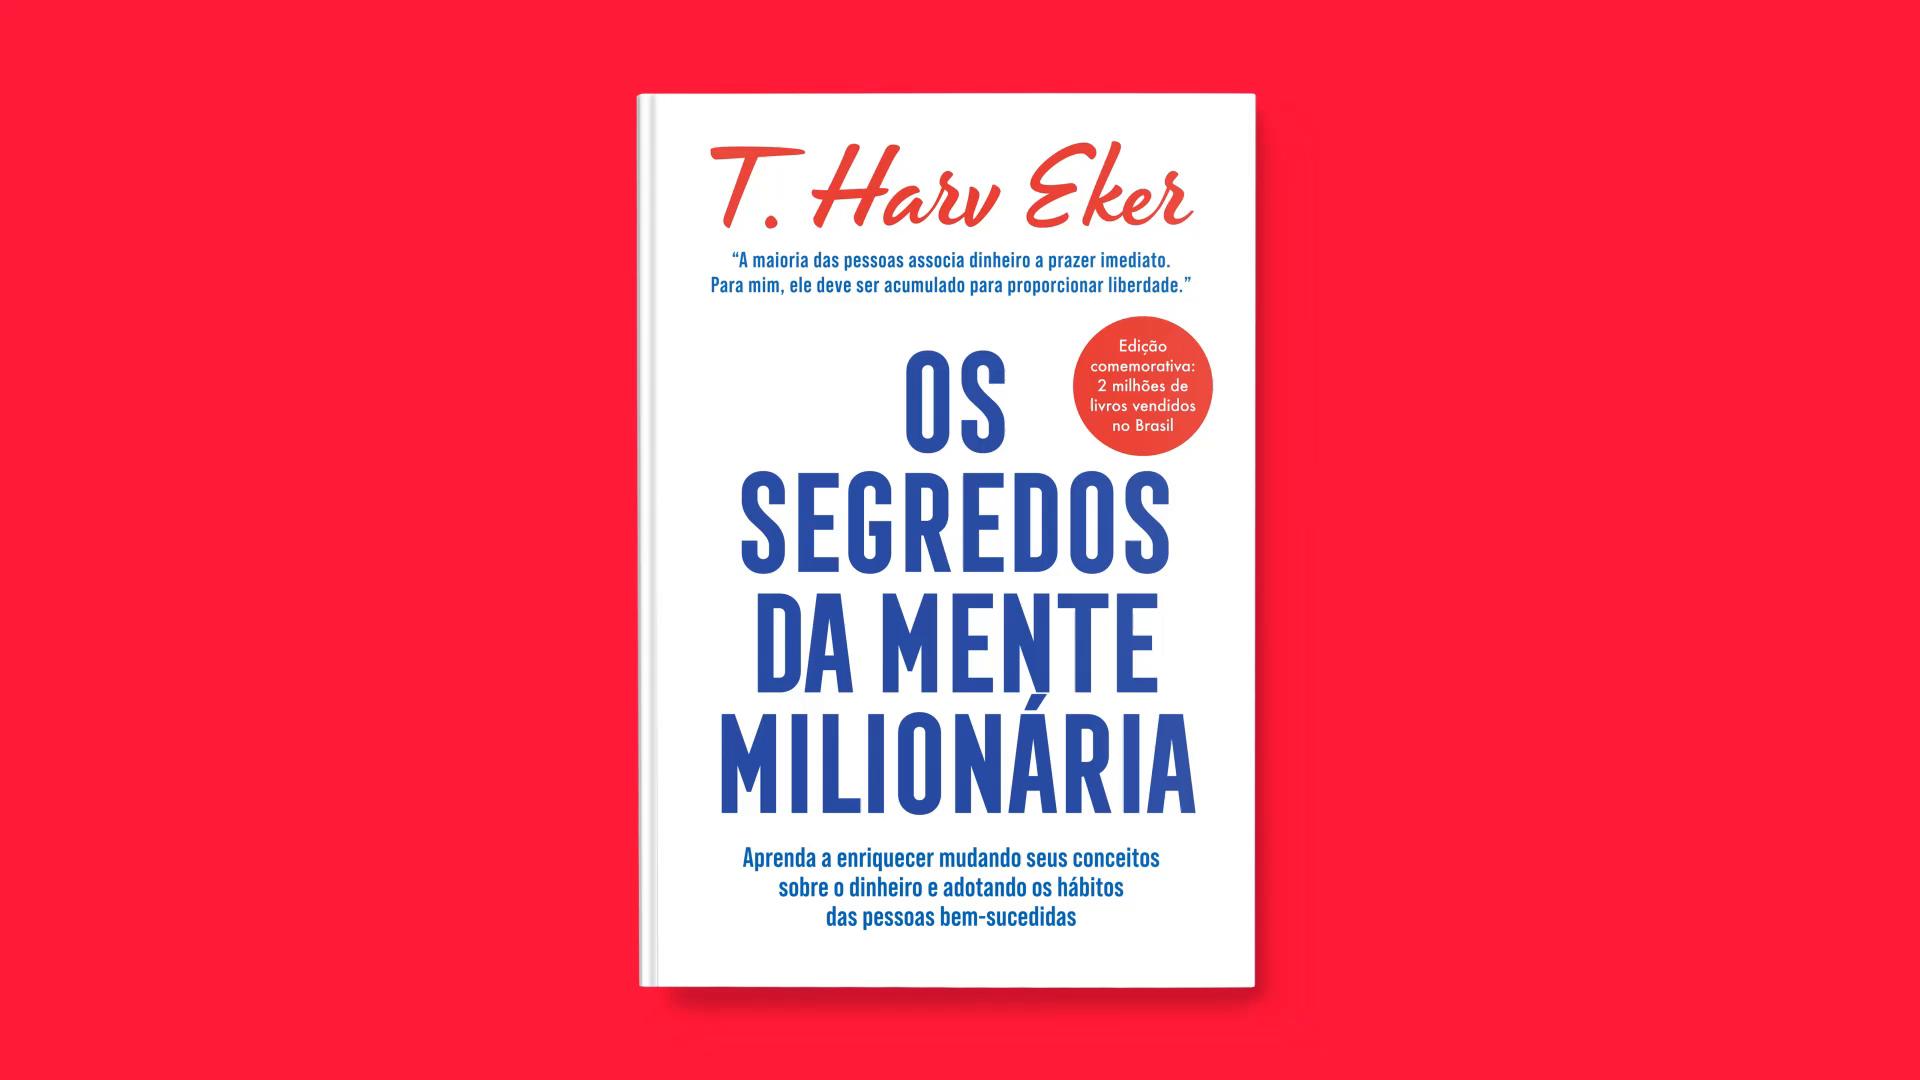 Os segredos da mente milionária - 9788543109787 - Livros